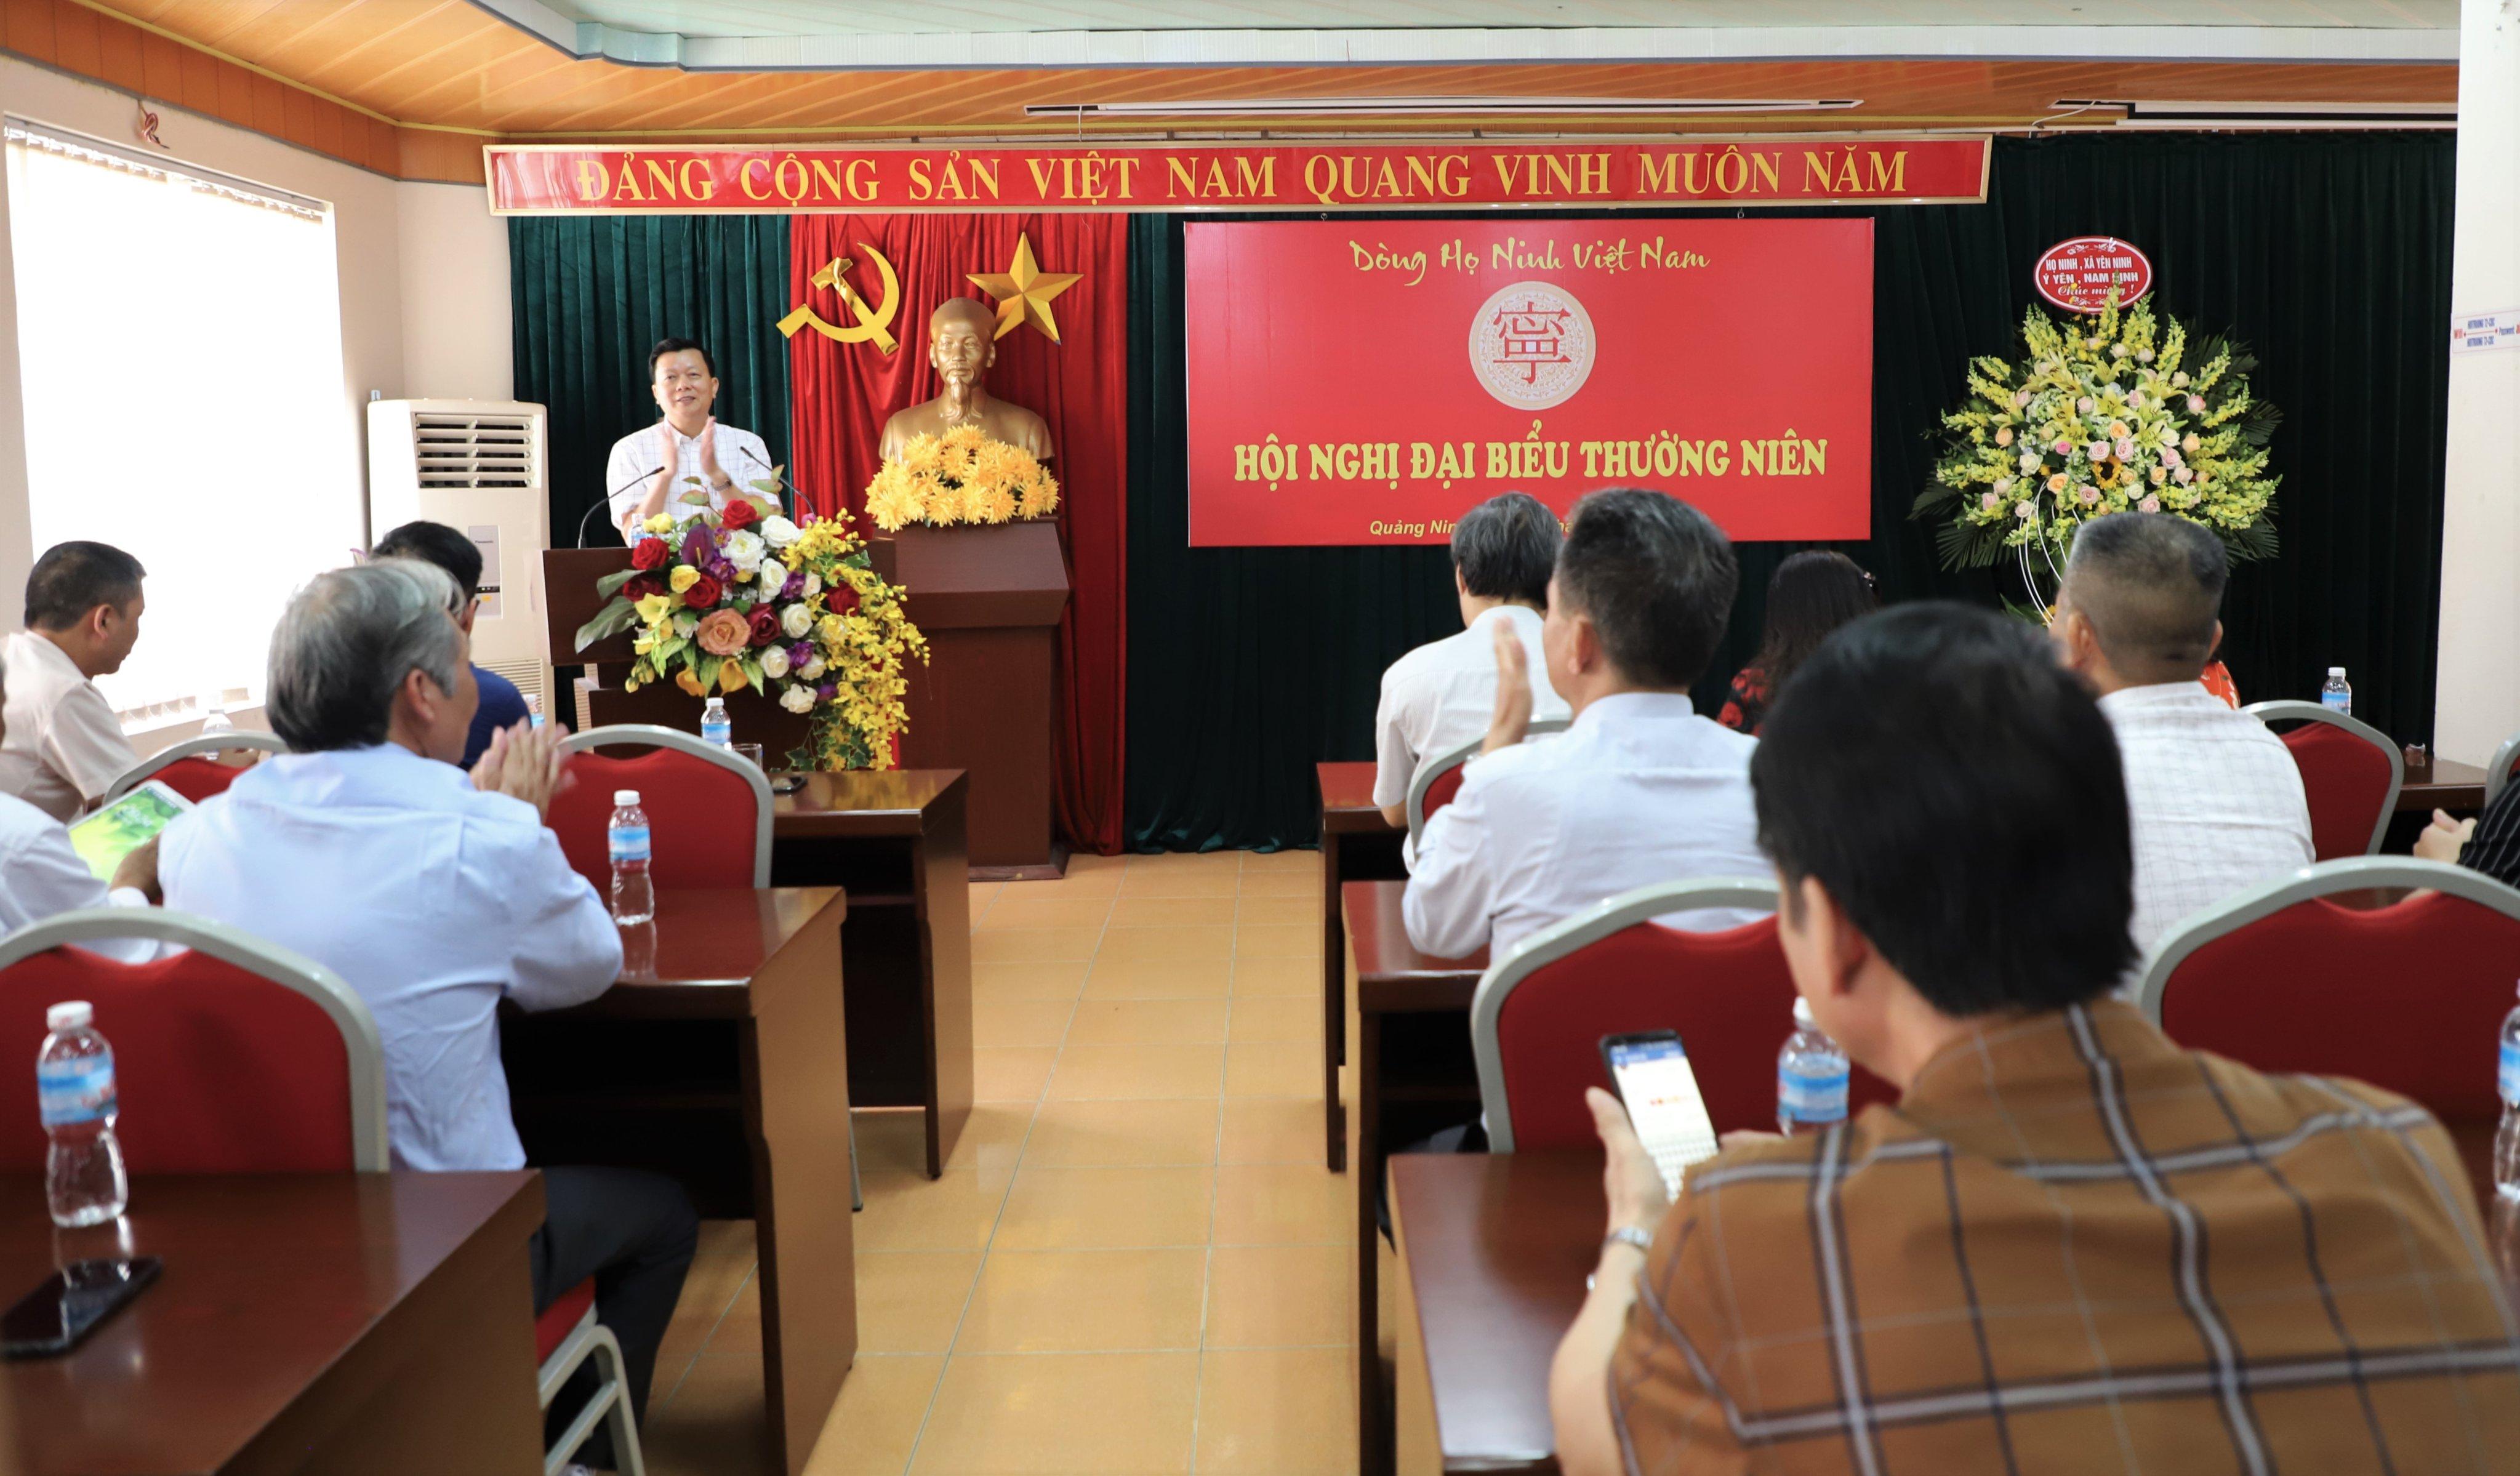 Ông Ninh Văn Chủ, chủ nhà của đại hội 2019 phát biểu khai mạc đại hội